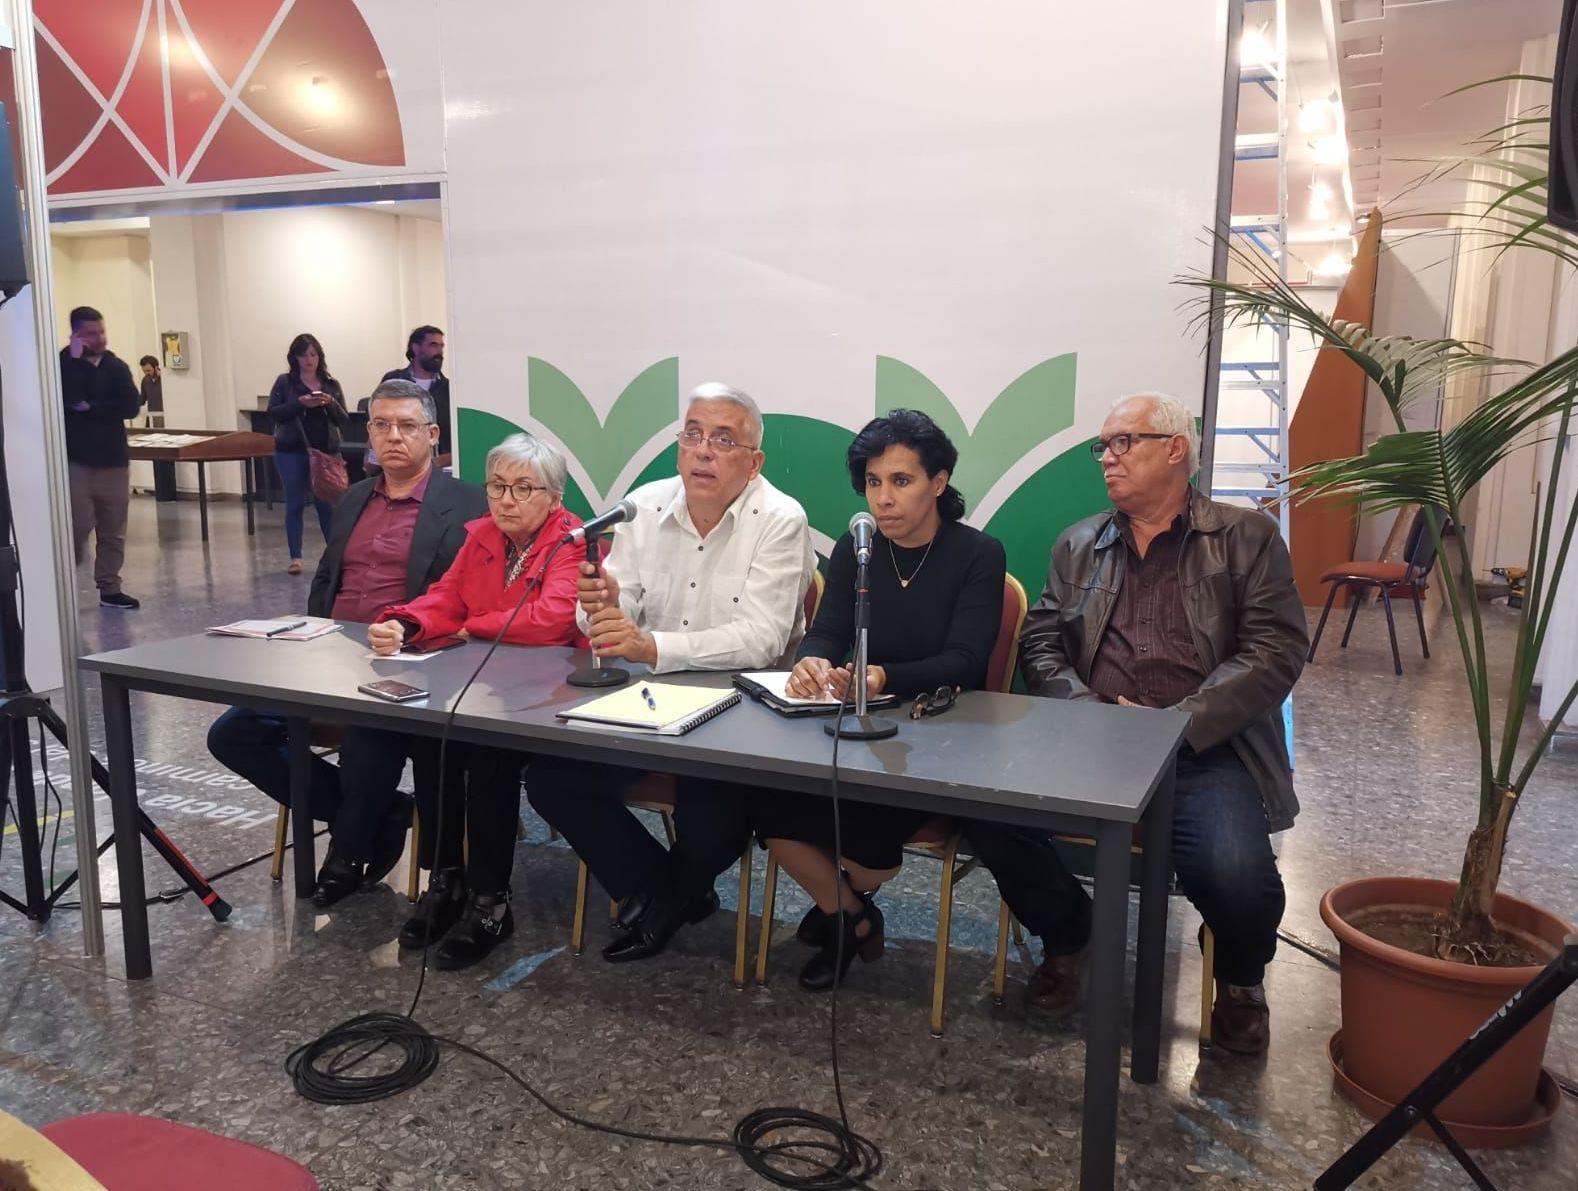 Fernando León Jacomino, viceministro cubano de Cultura ofrece una conferencia de prensa durante la primera jornada de la Feria del Libro de Uruguay, a la que Cuba asiste como país invitado de honor